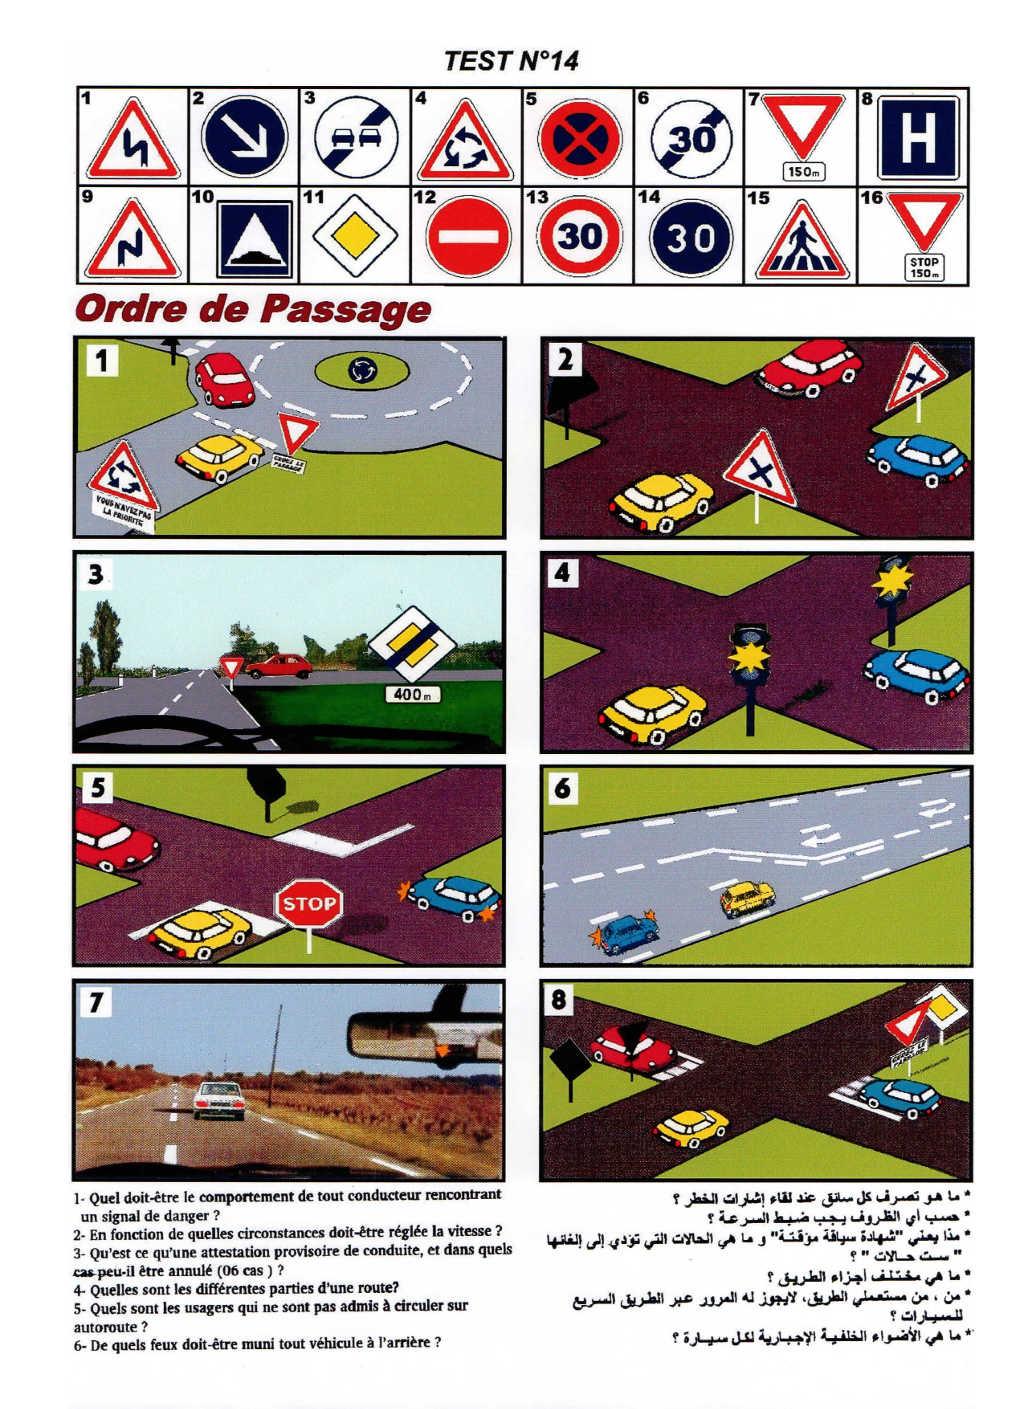 كتاب امتحان رخصة السياقة - الصفحة 14